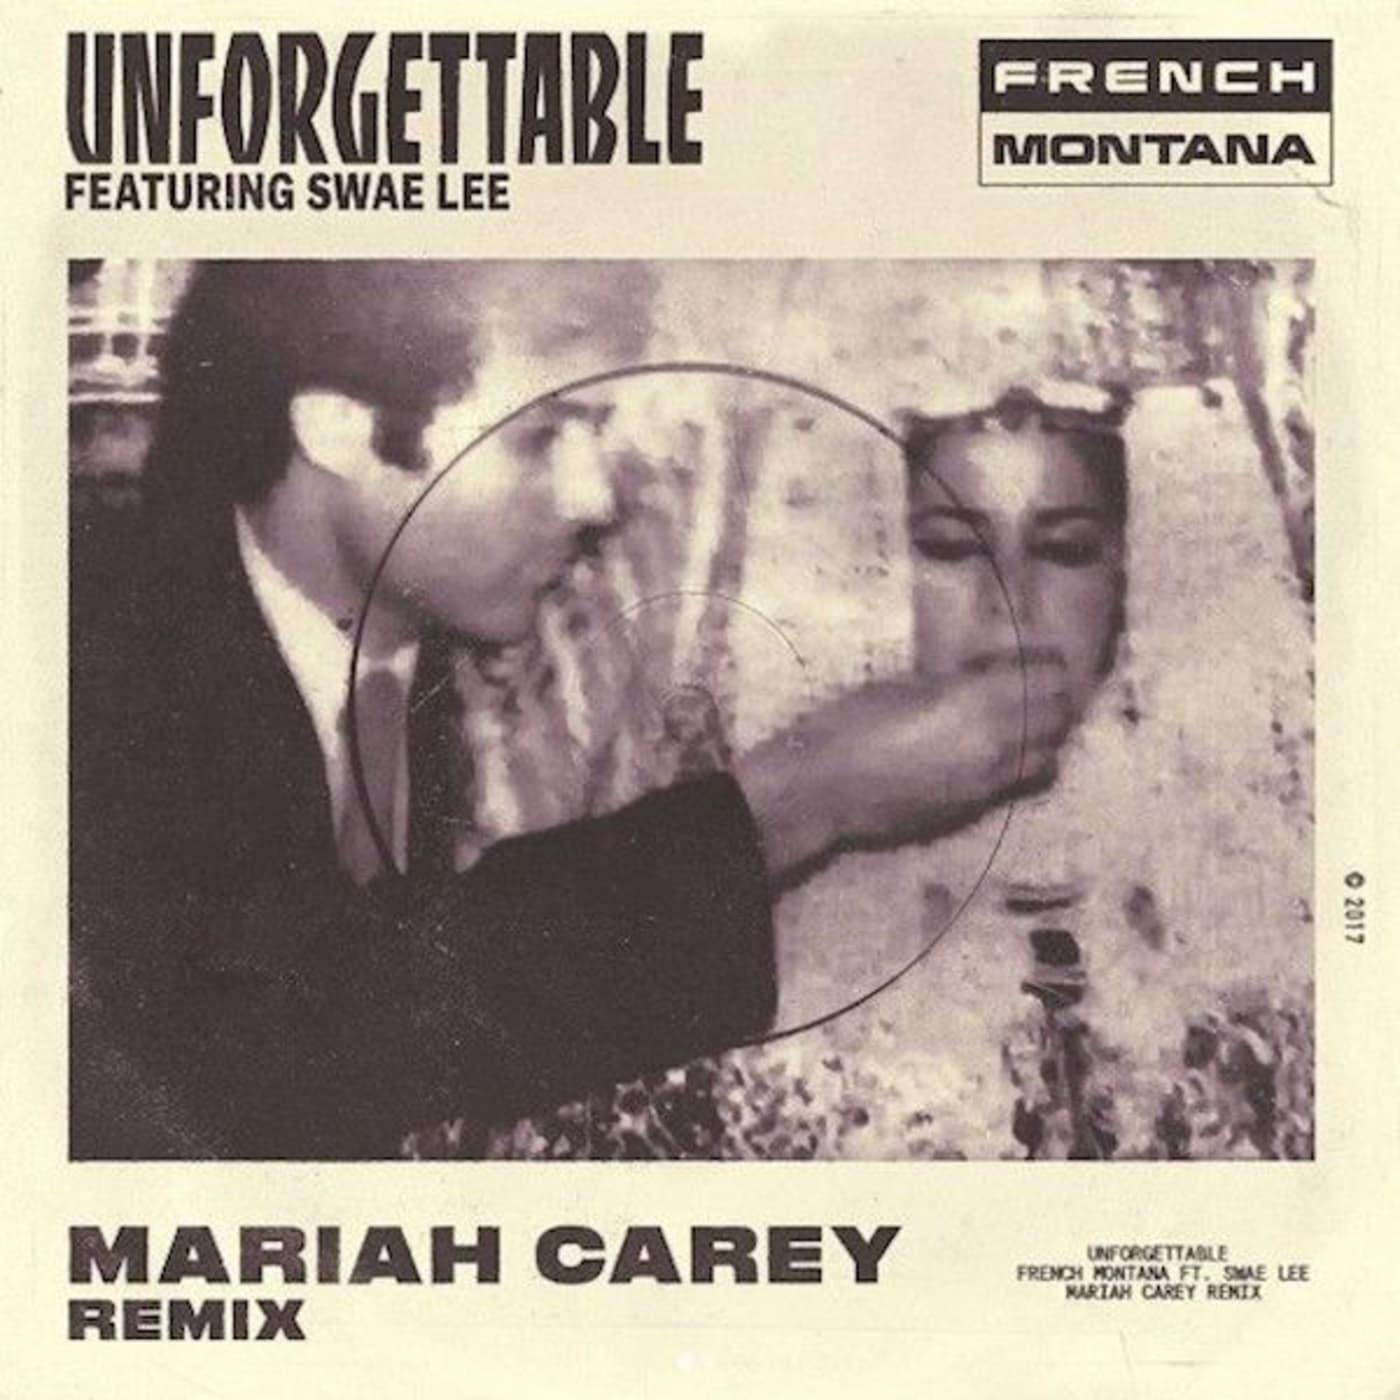 Unforgettable Mariah Carey Remix